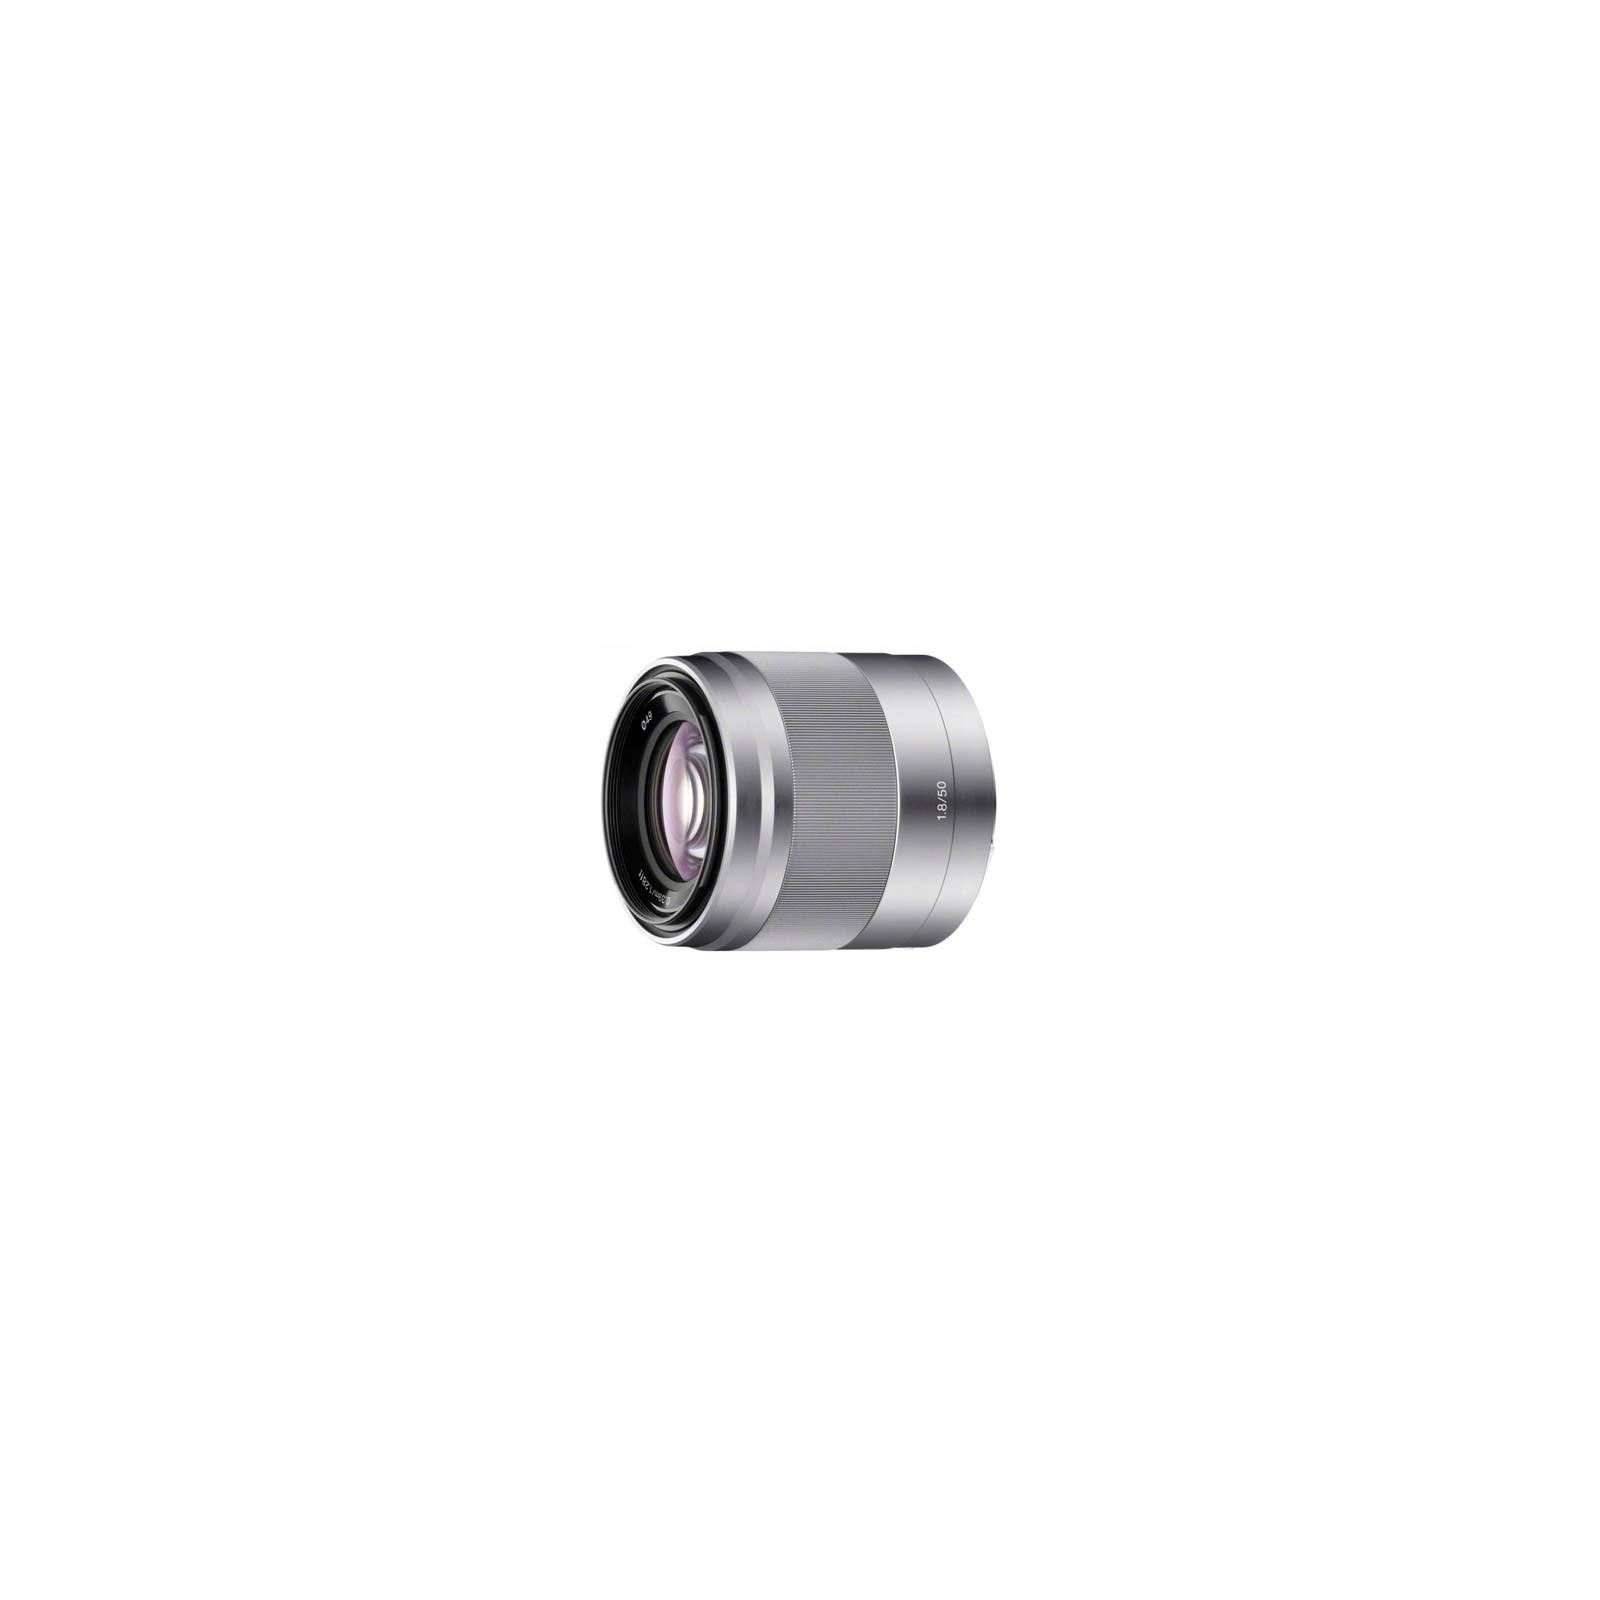 Объектив SONY 50mm f/1.8 for NEX (SEL50F18.AE)